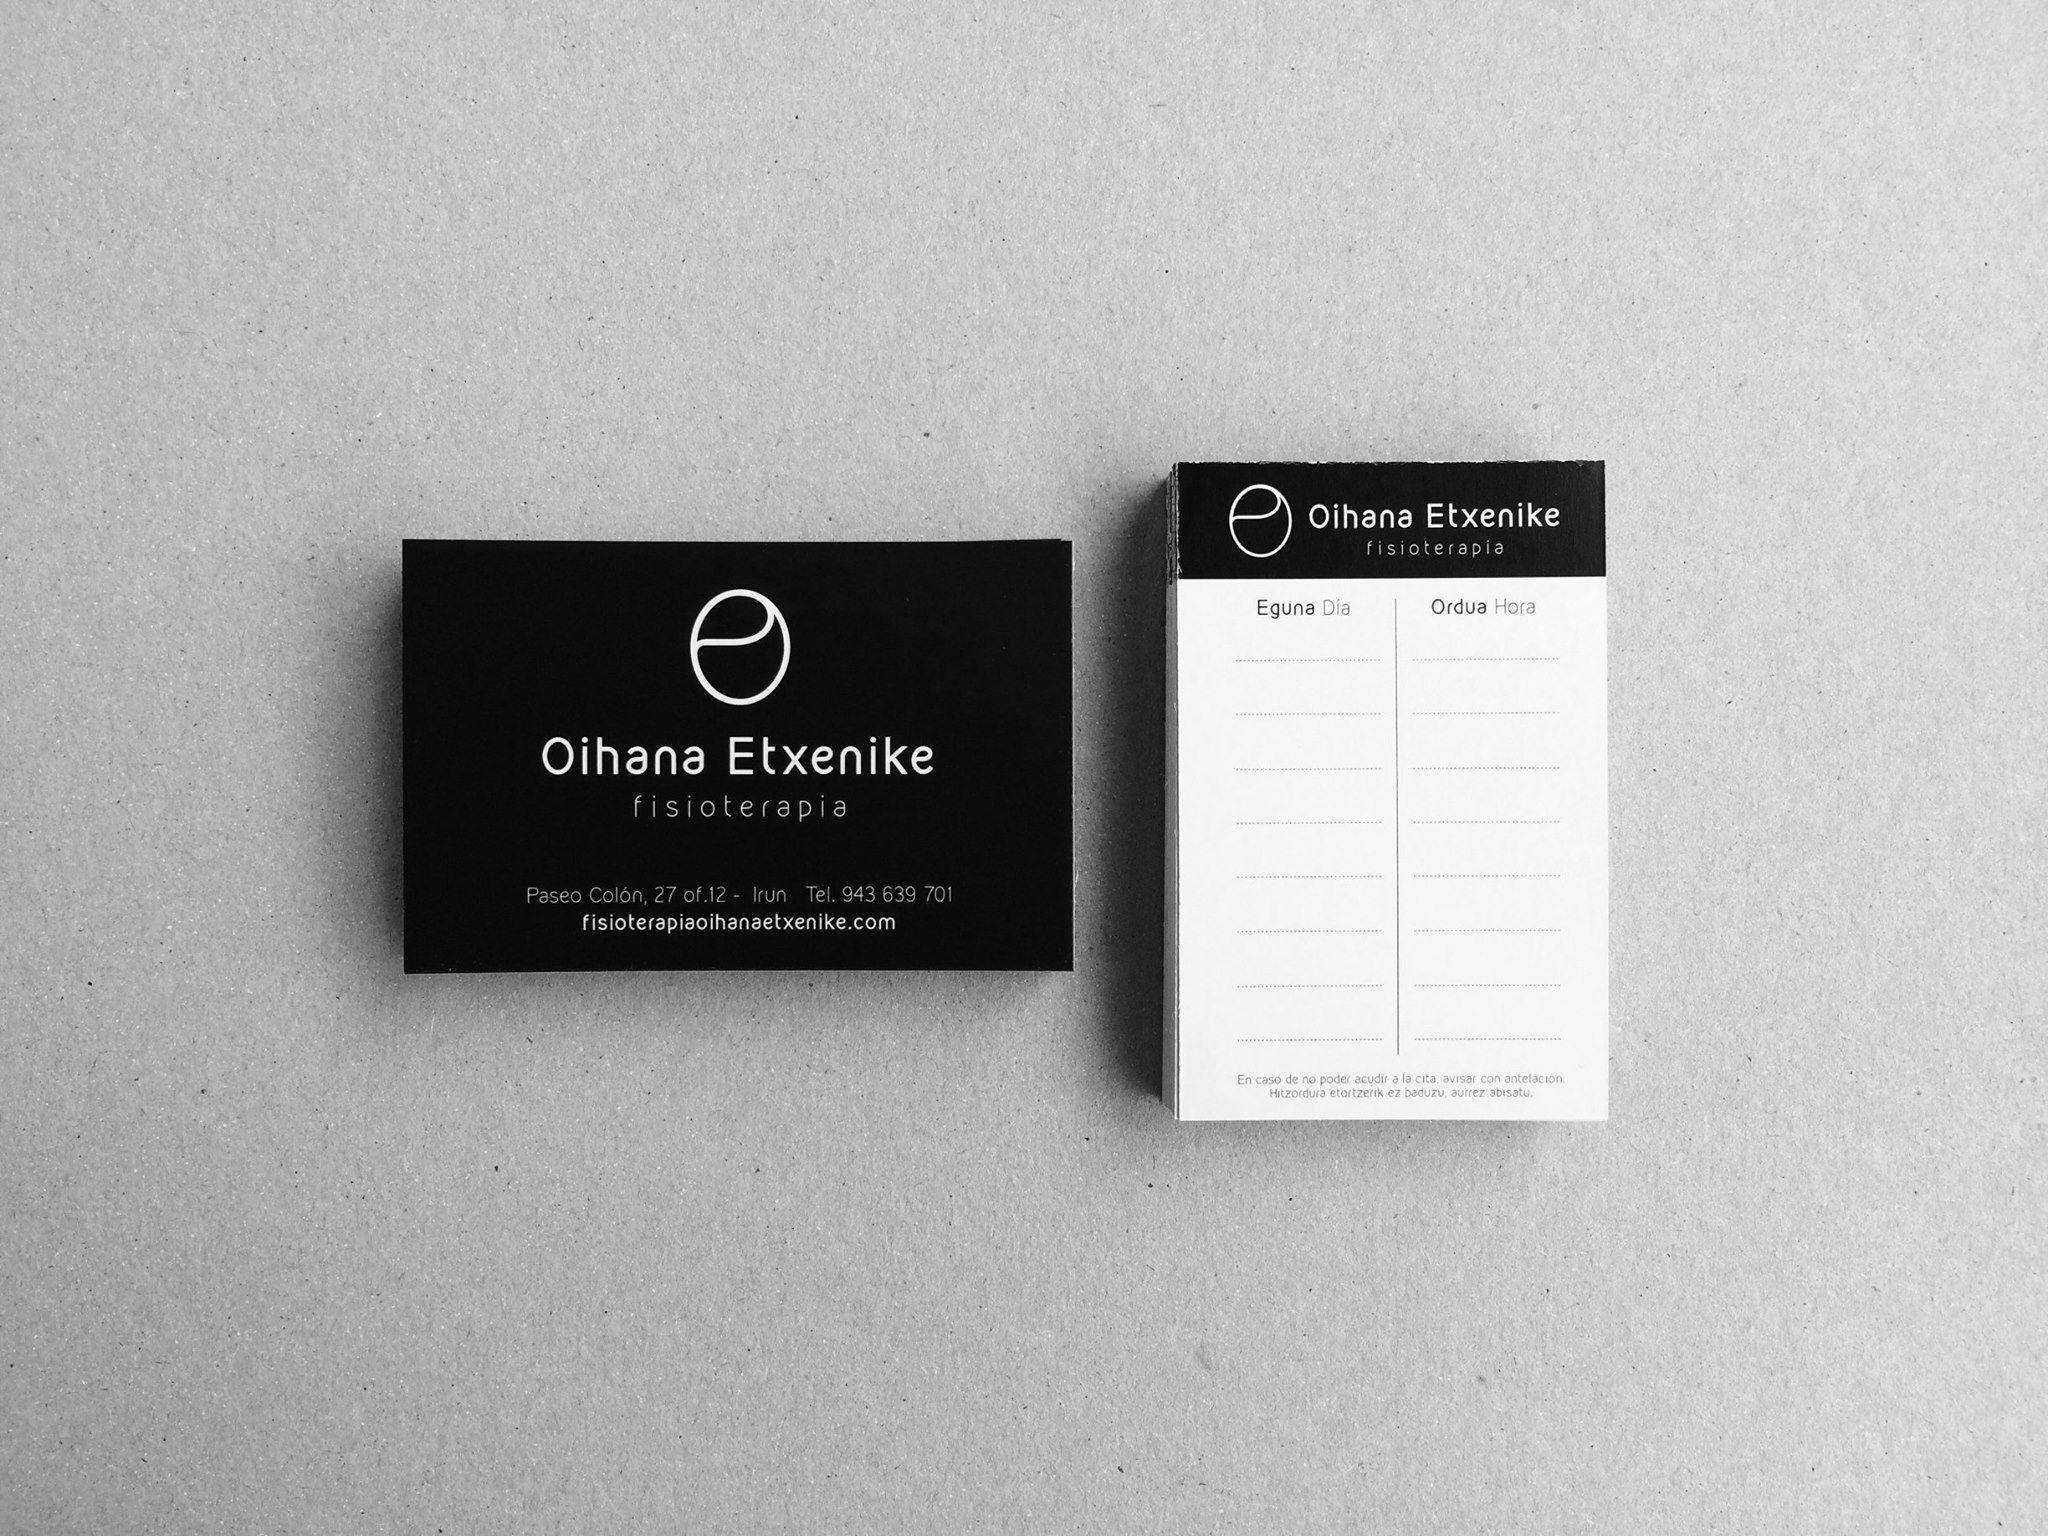 Imagen de marca y soportes gráficos para la Oihana Etxenike, fisioterapeuta en Irun.